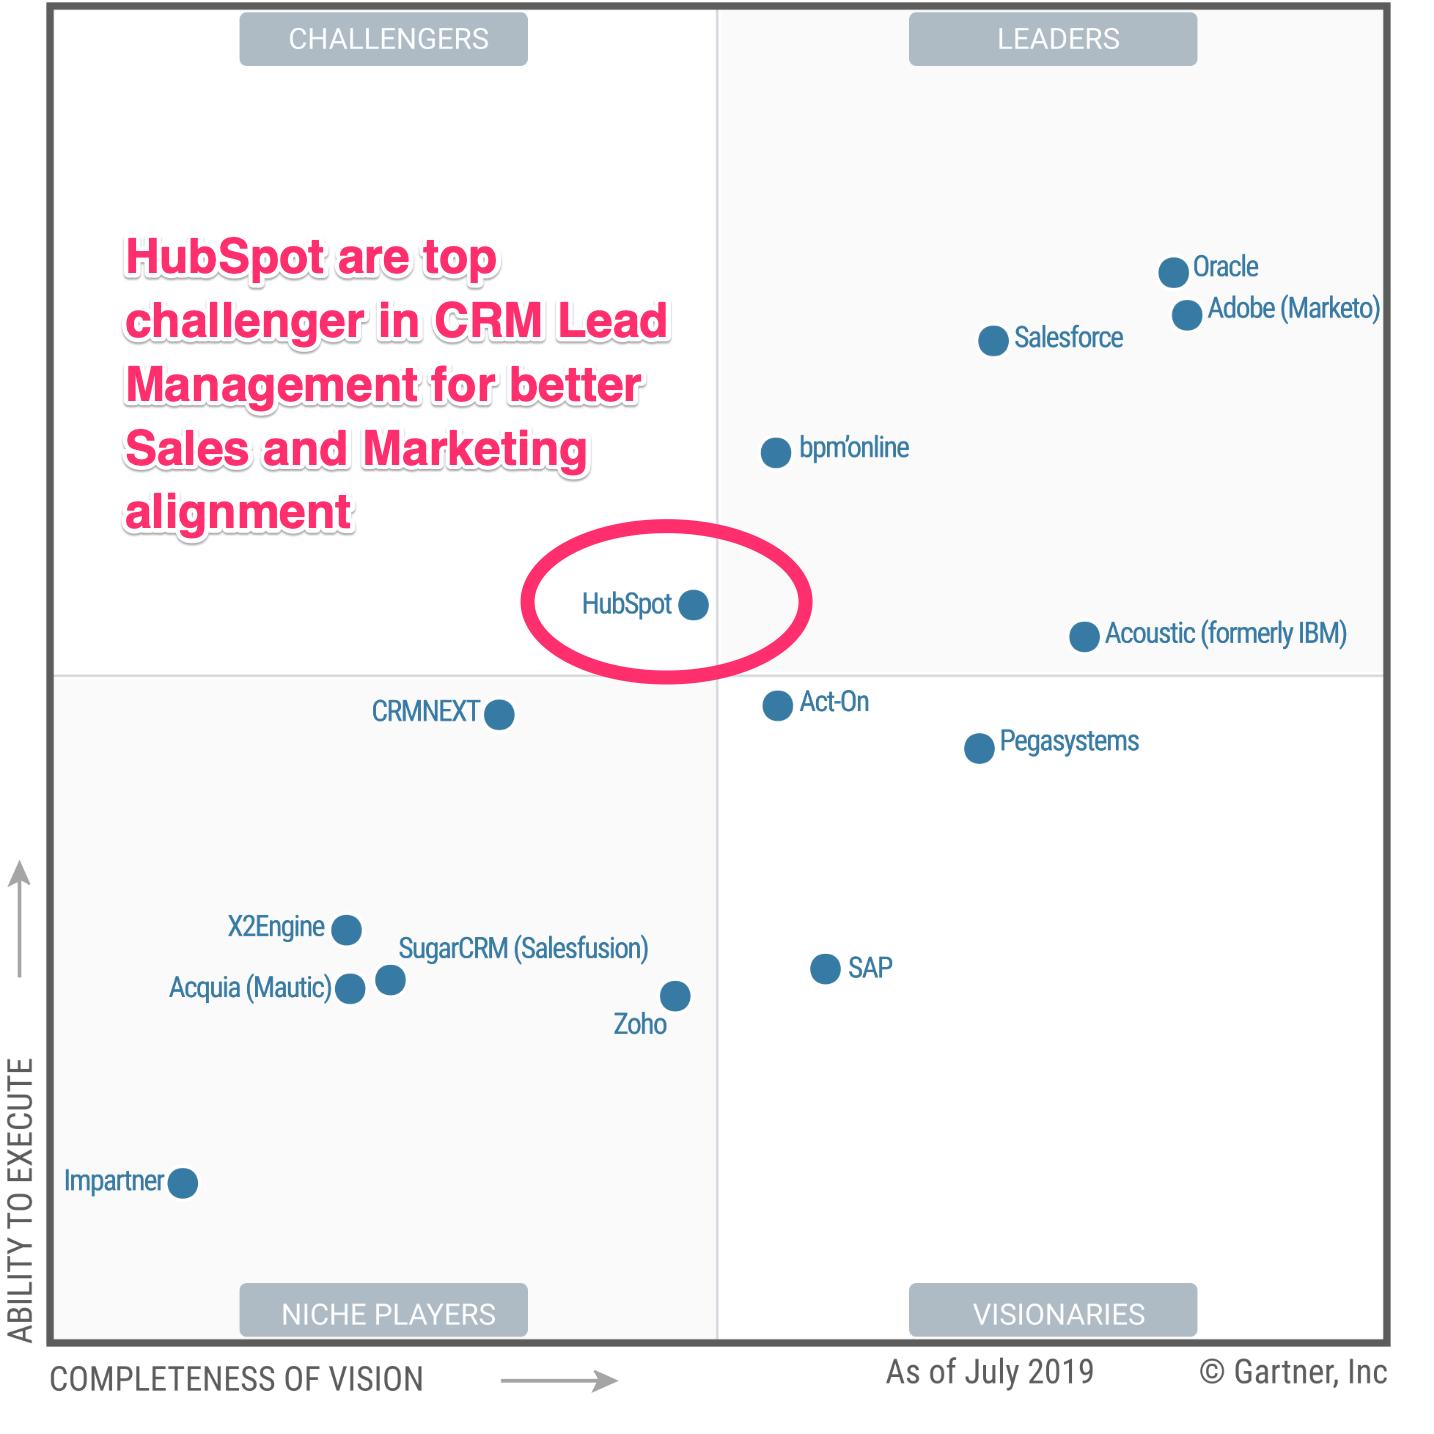 Gartner Magic Quadrant CRM Lead Management and HubSpot